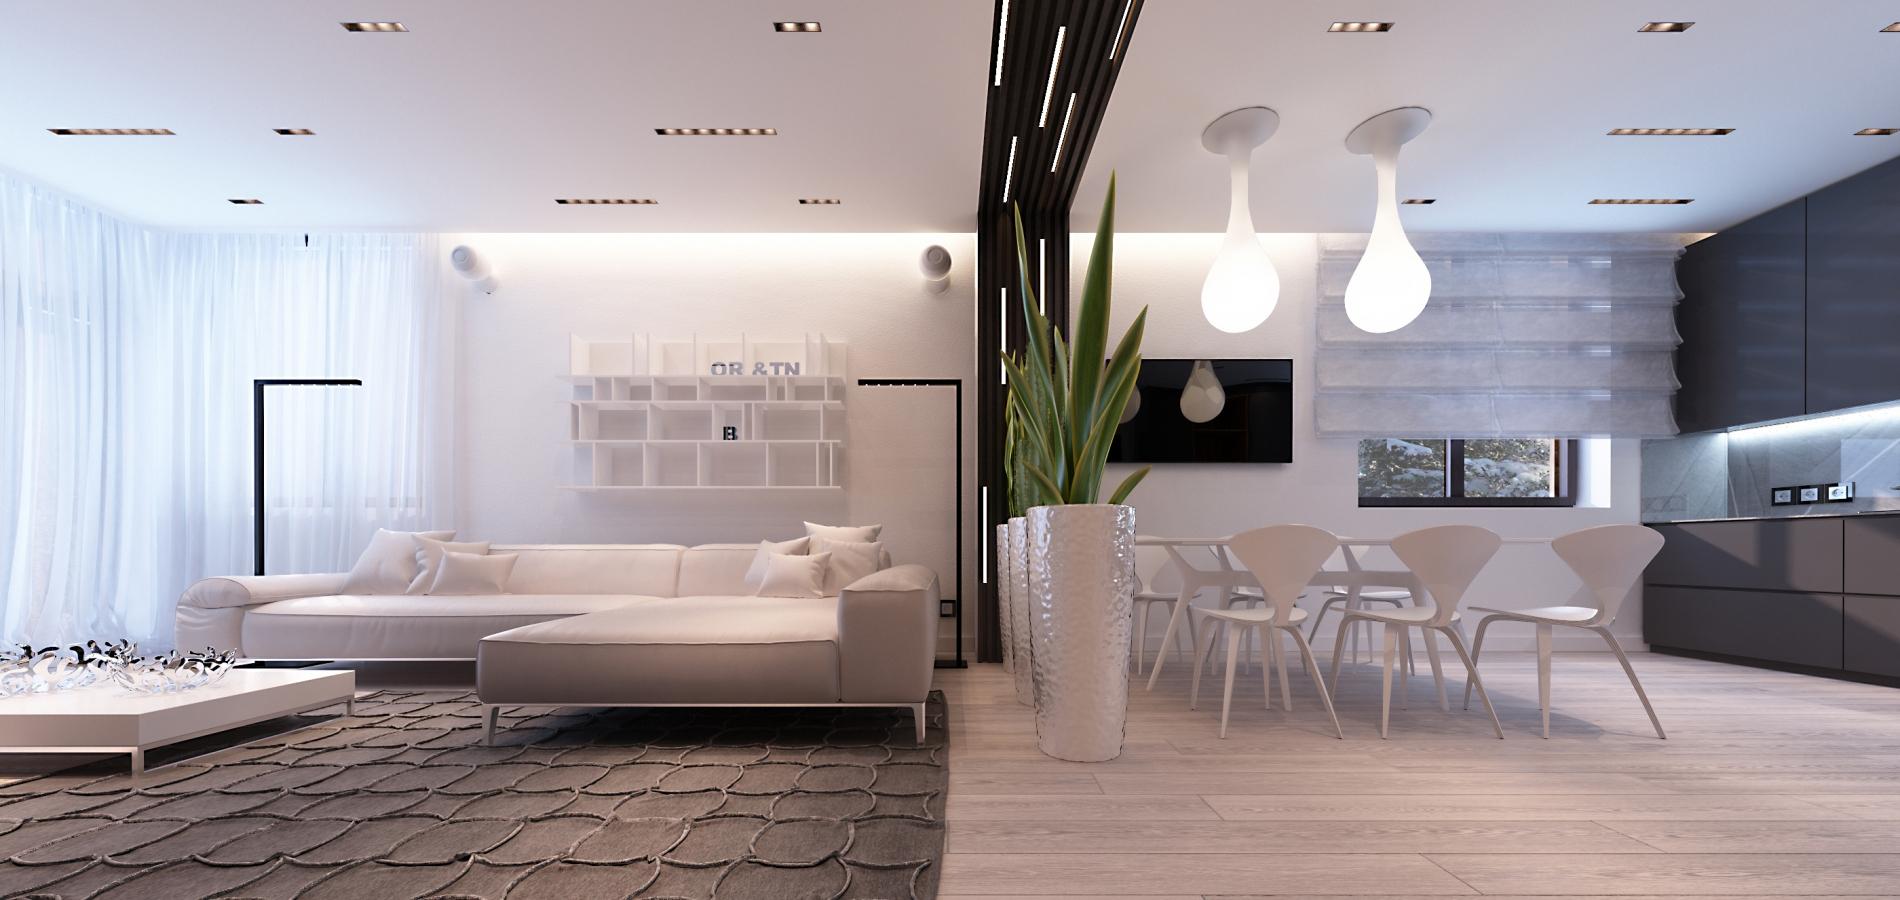 Сучасний інтер'єр будинку